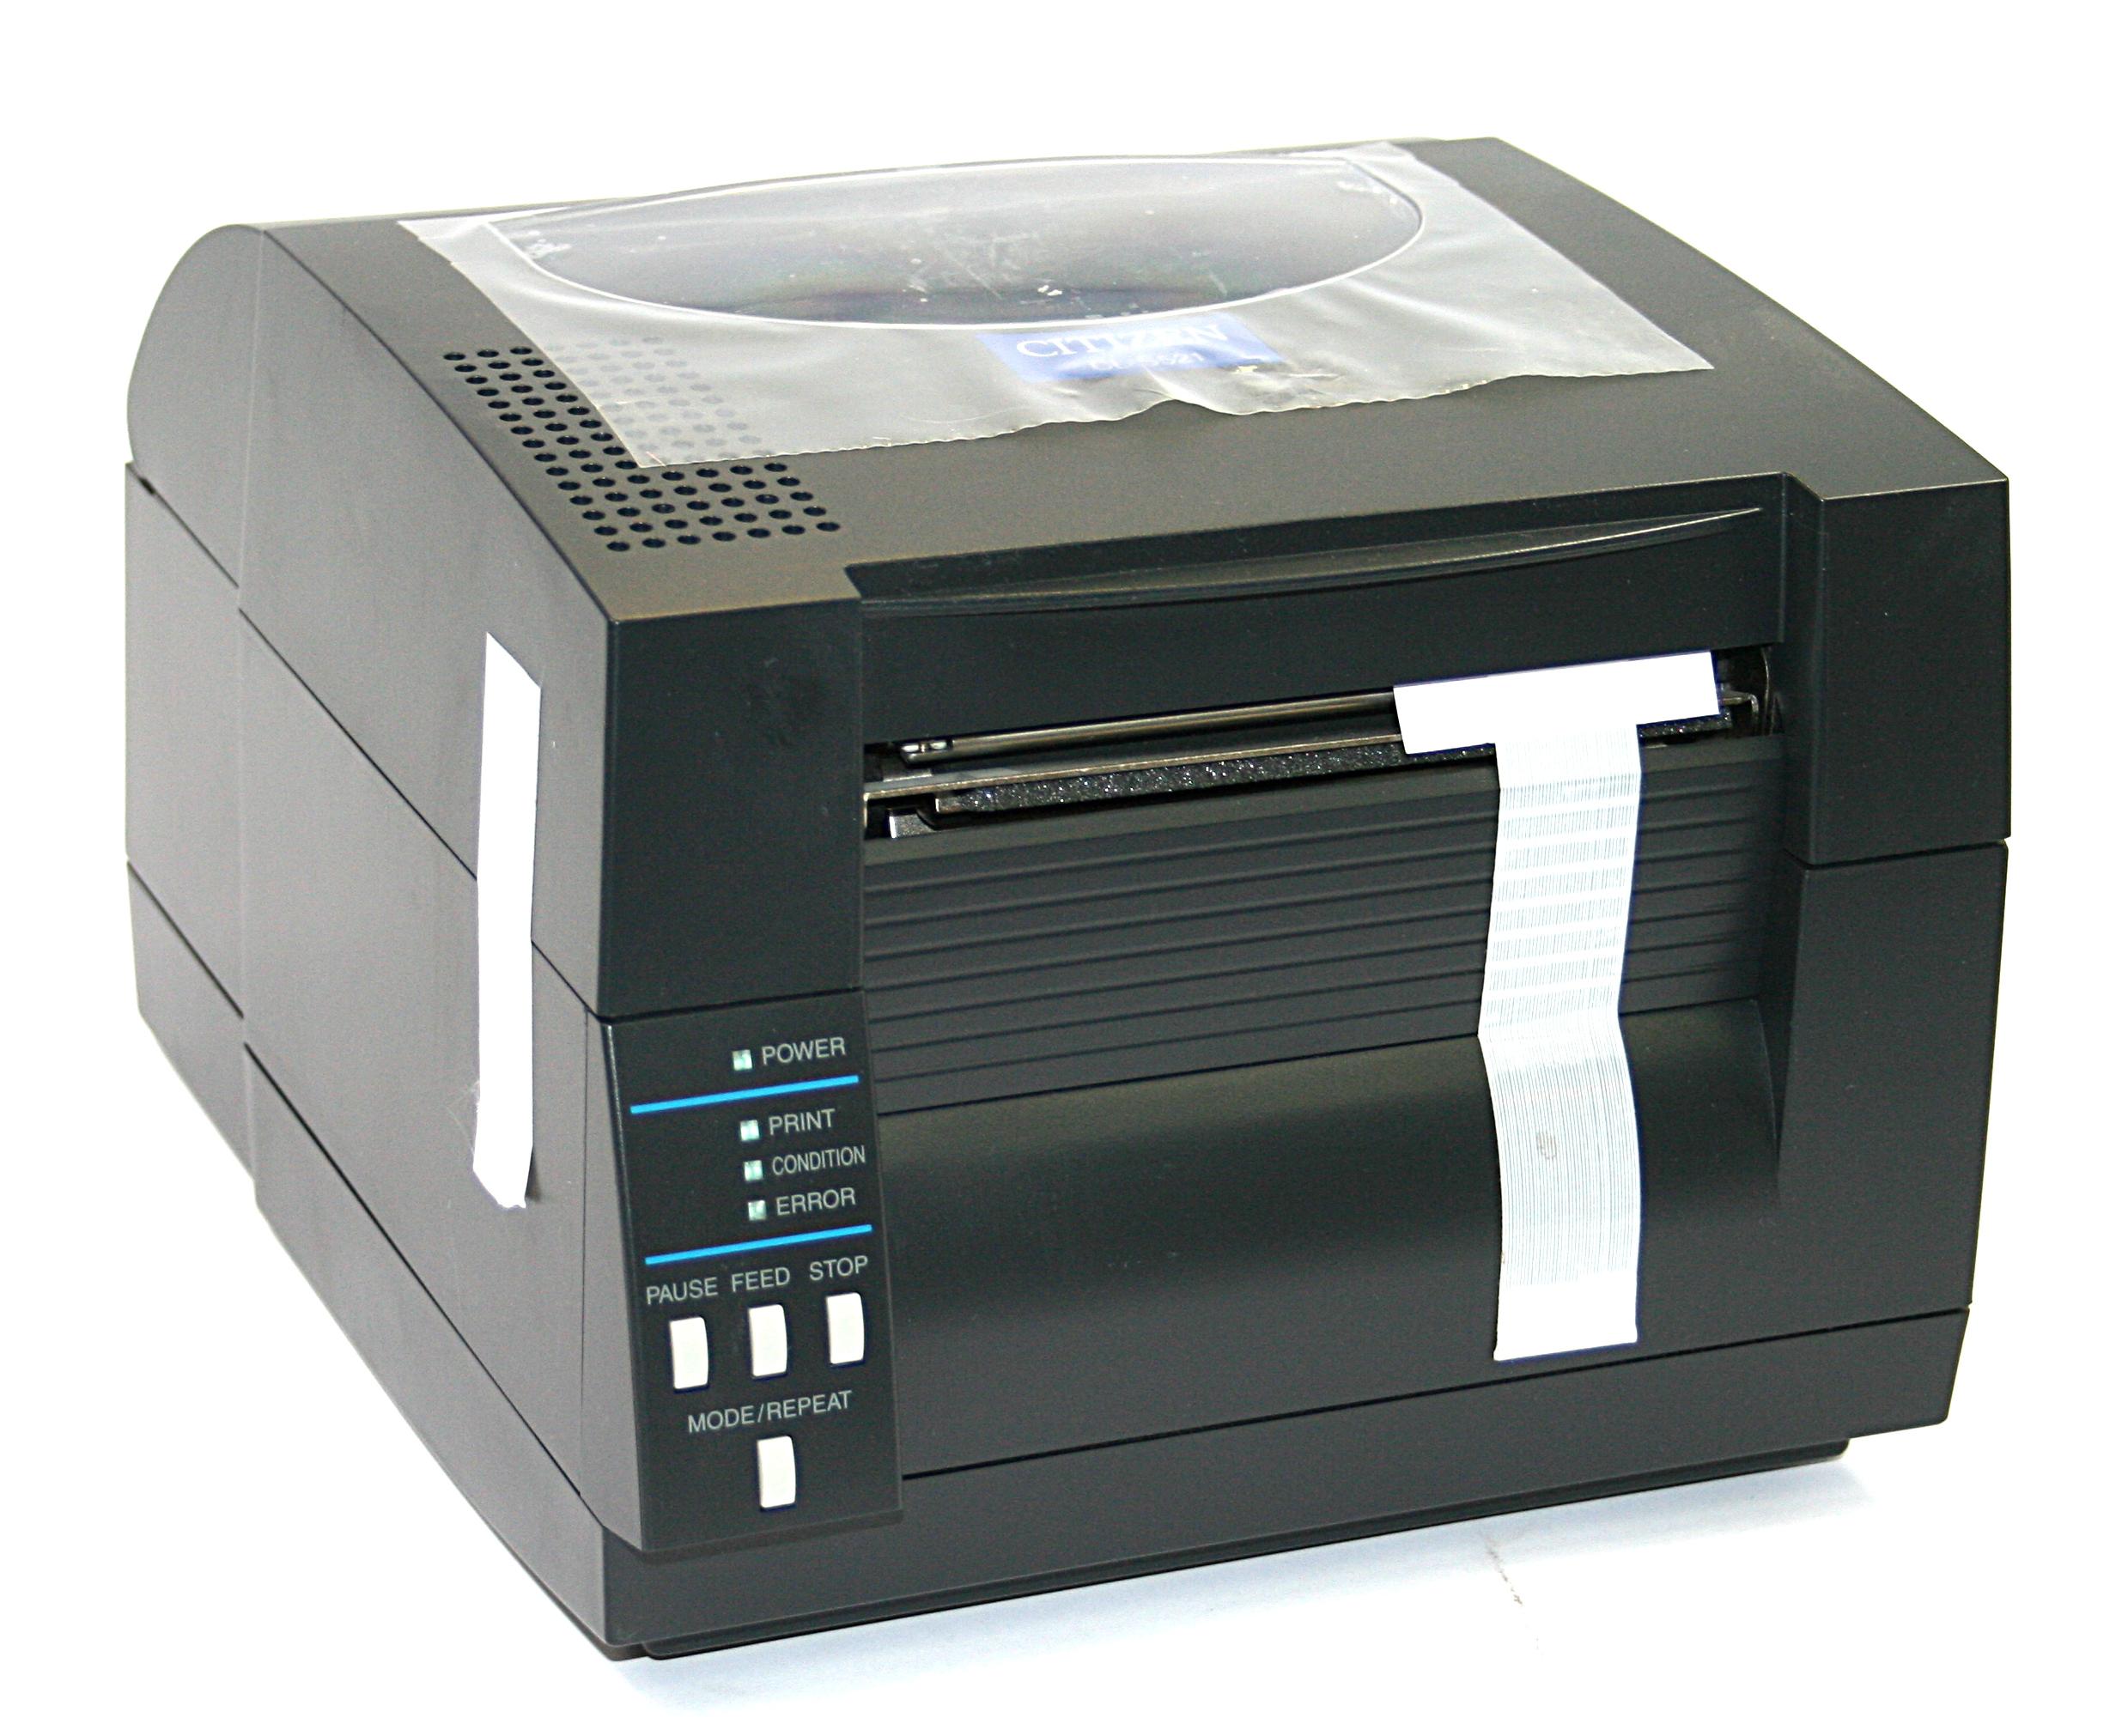 CITIZEN CLS 521 Label Printer